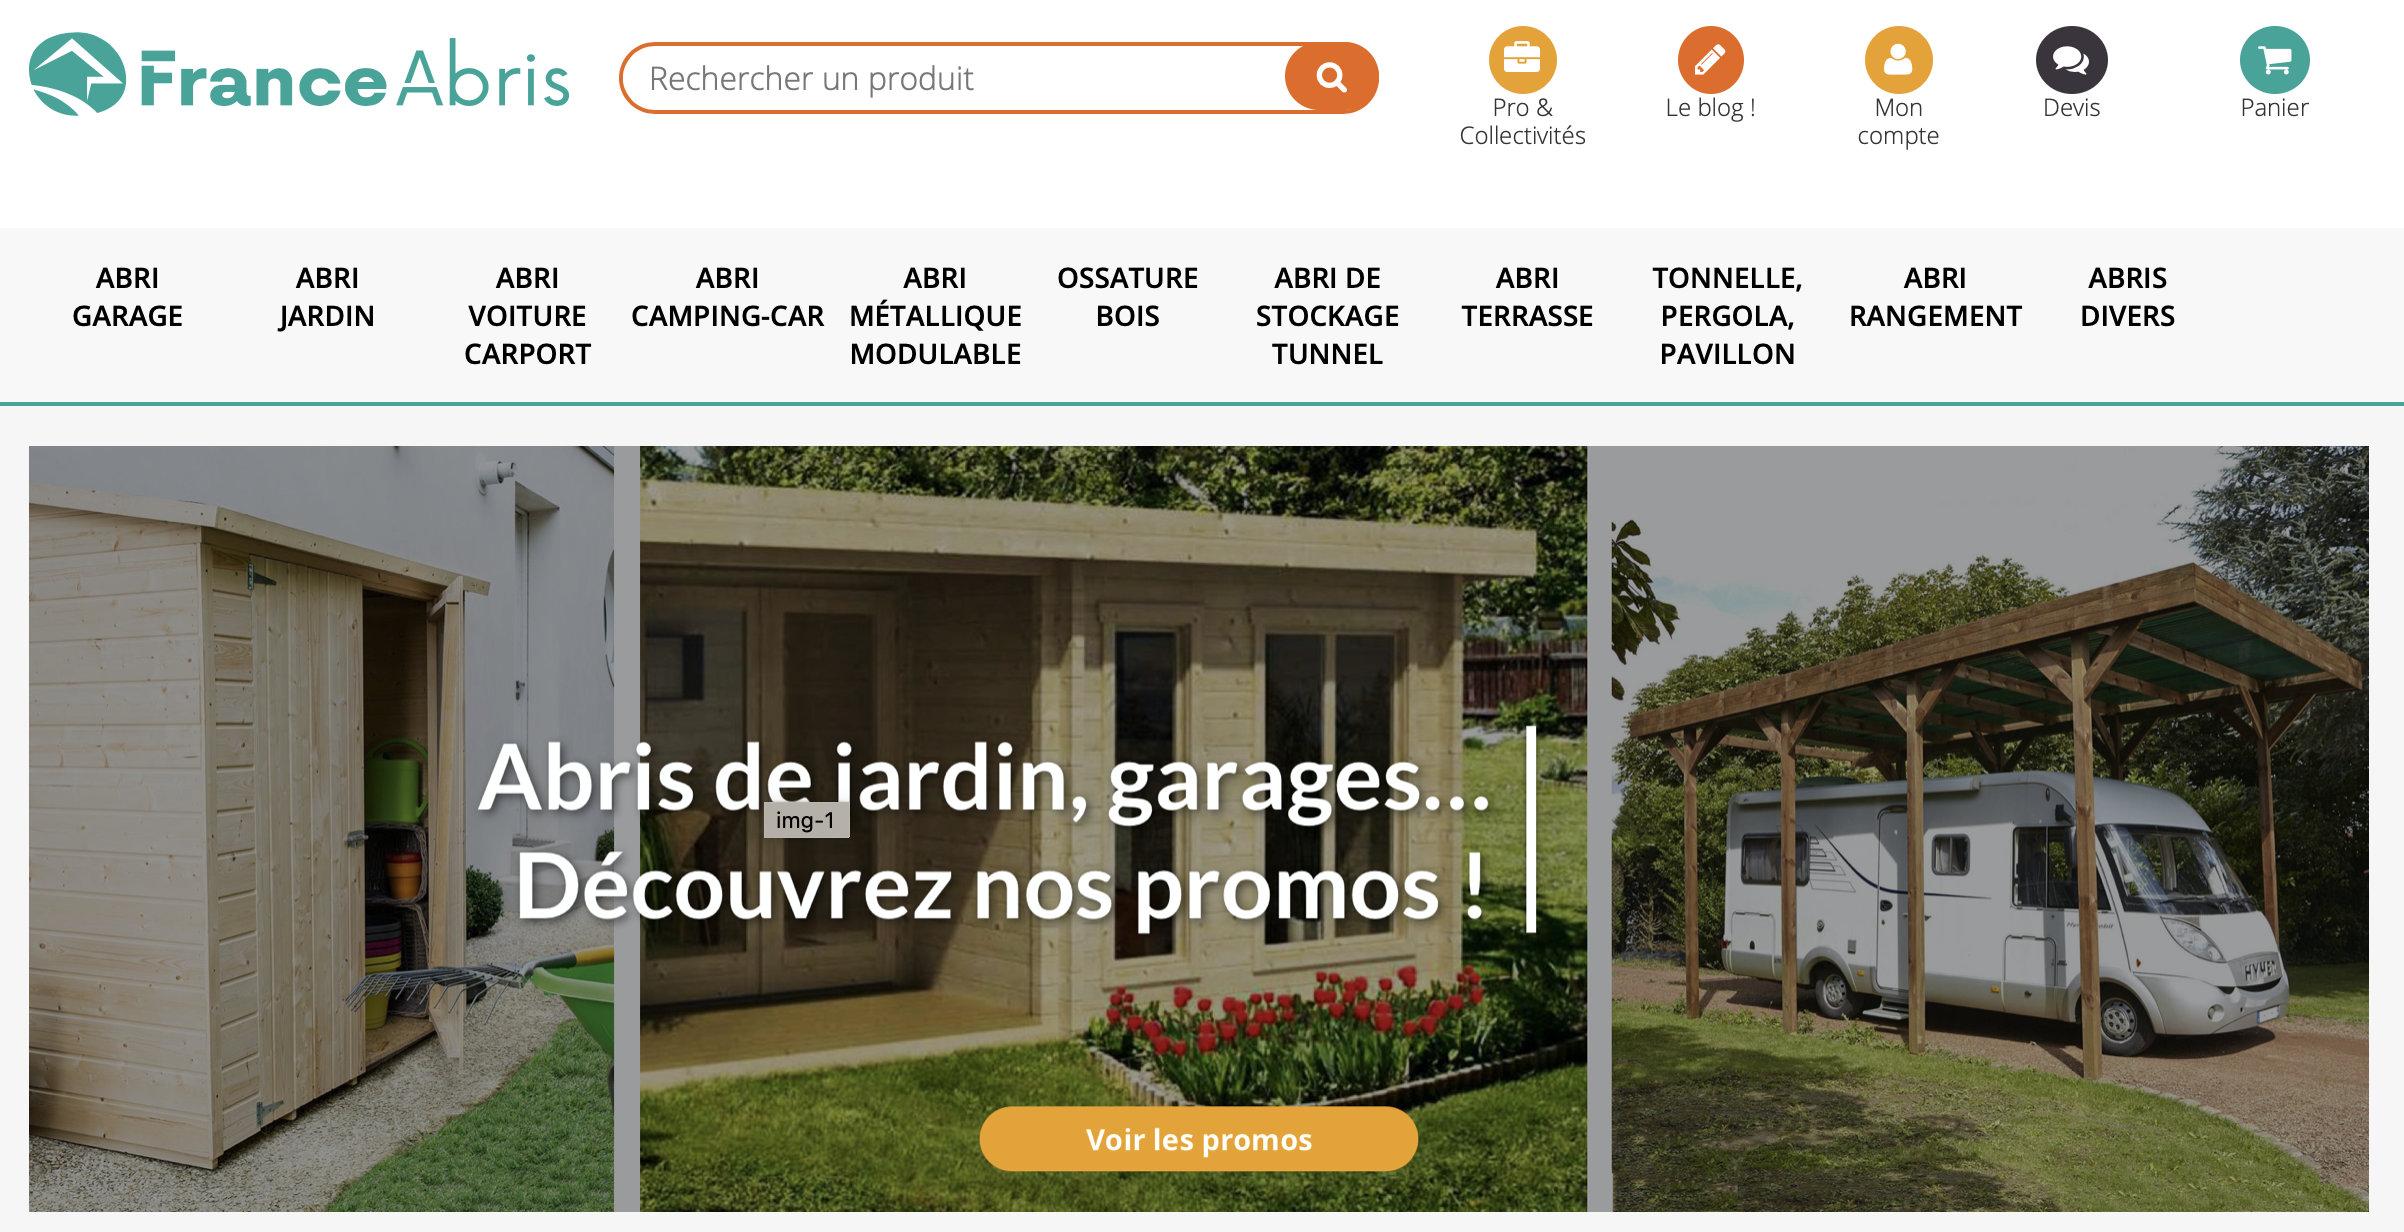 Homepage France Abris, numéro 1 français de l'abri de jardin